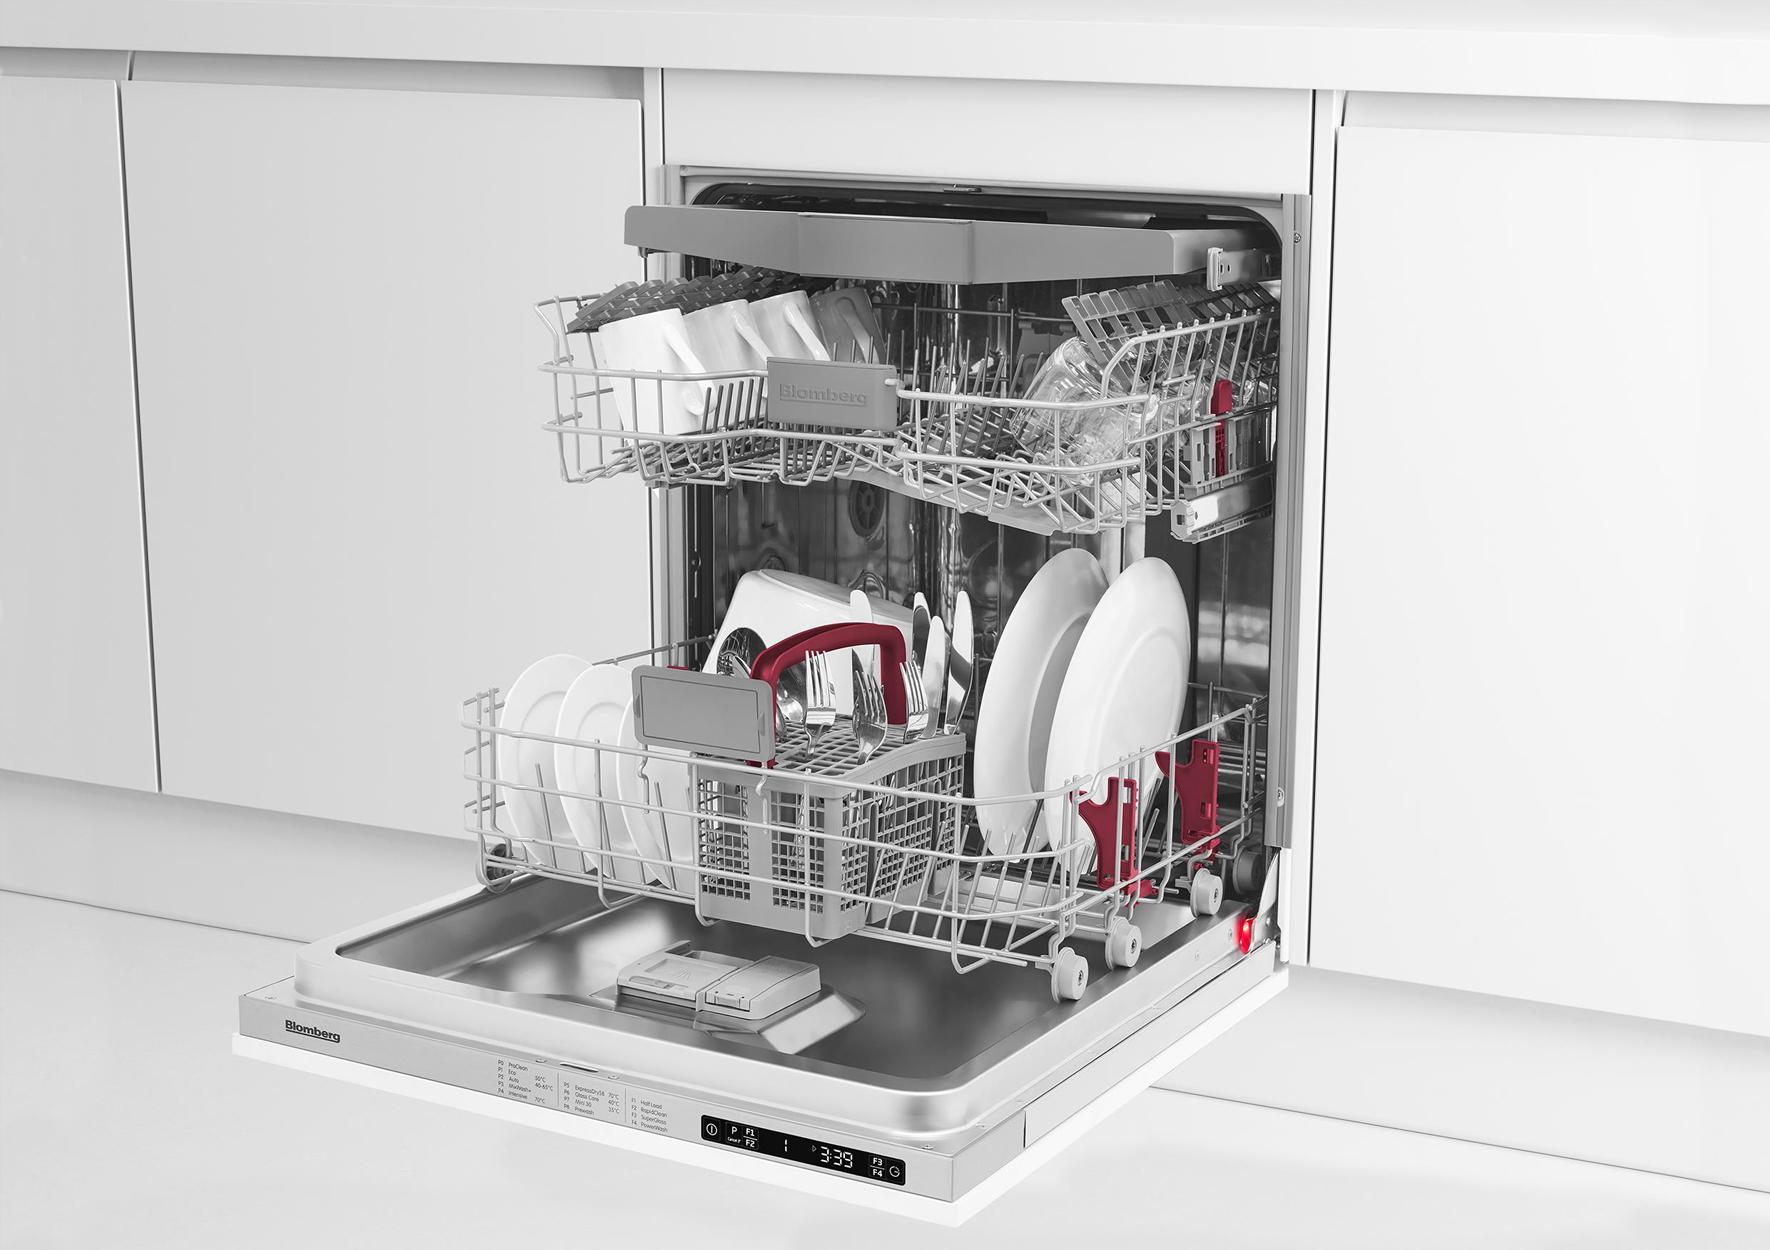 دستگاه ظرفشویی بوش